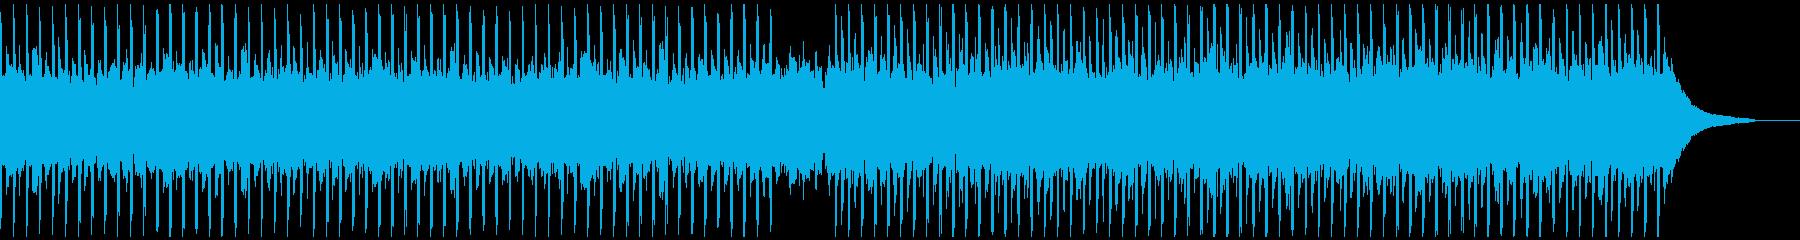 コーポレートビデオ(60秒)の再生済みの波形